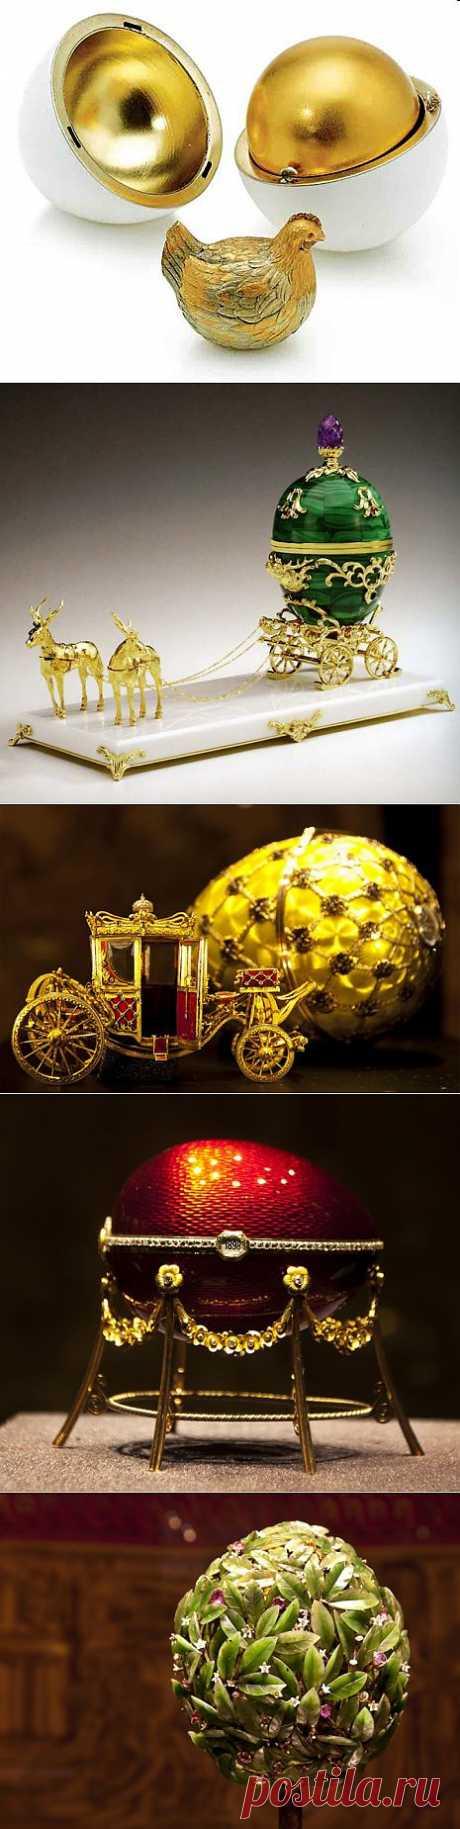 (+1) тема - Роскошь и богатство: Яйца Фаберже | Искусство